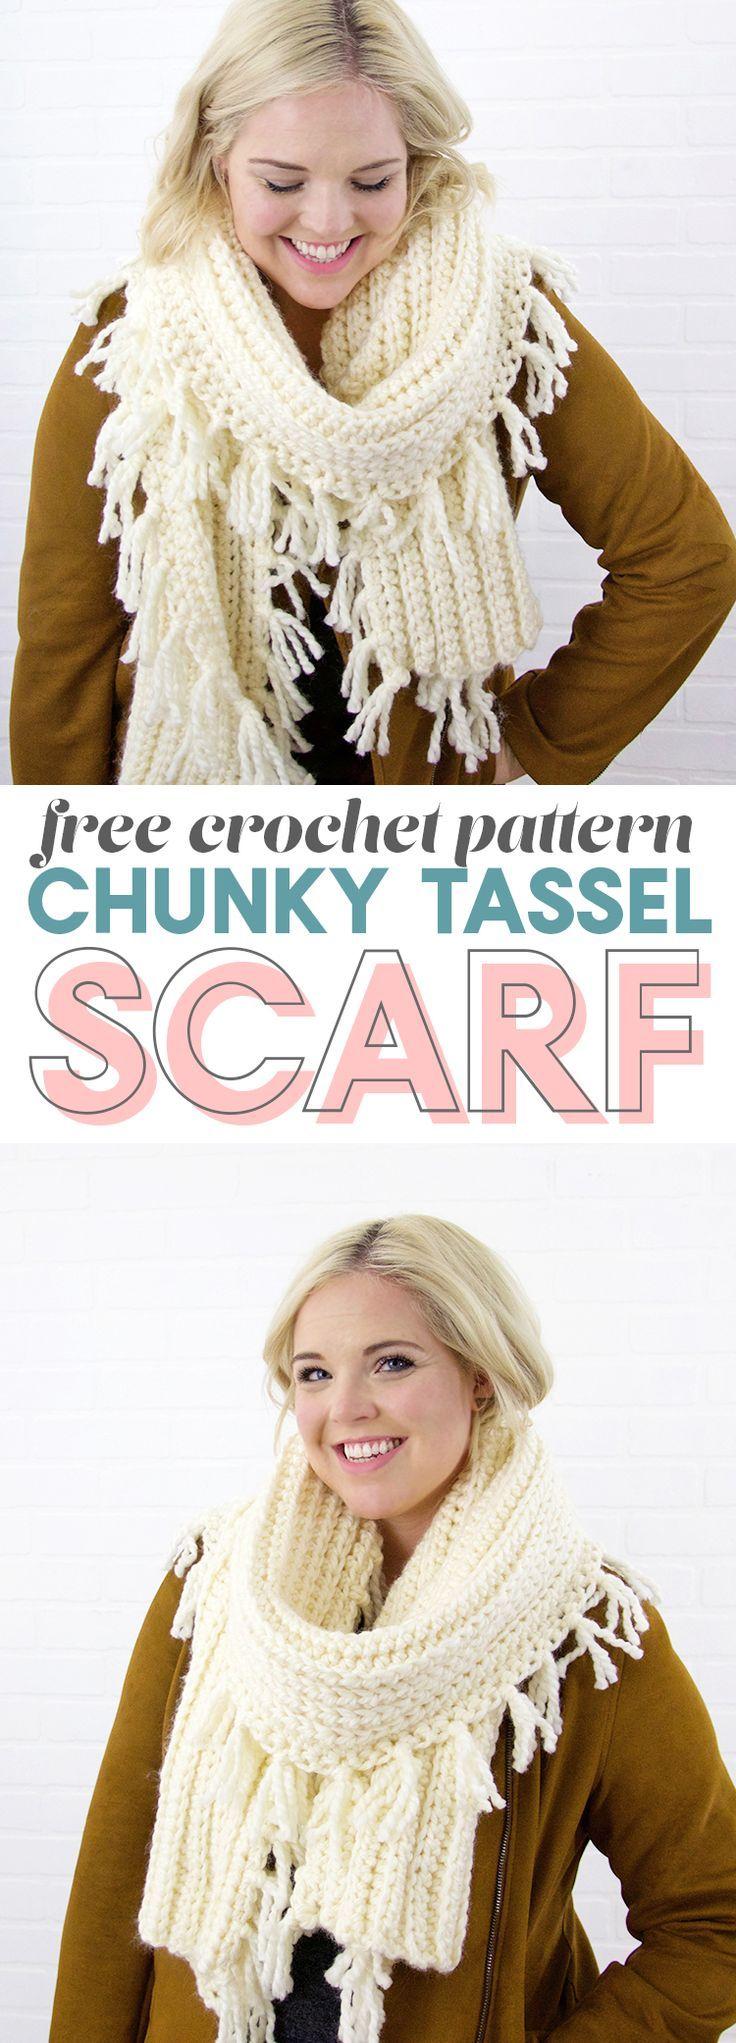 Chunky Tassel Crochet Scarf Pattern | Pinterest | Crochet bufanda ...